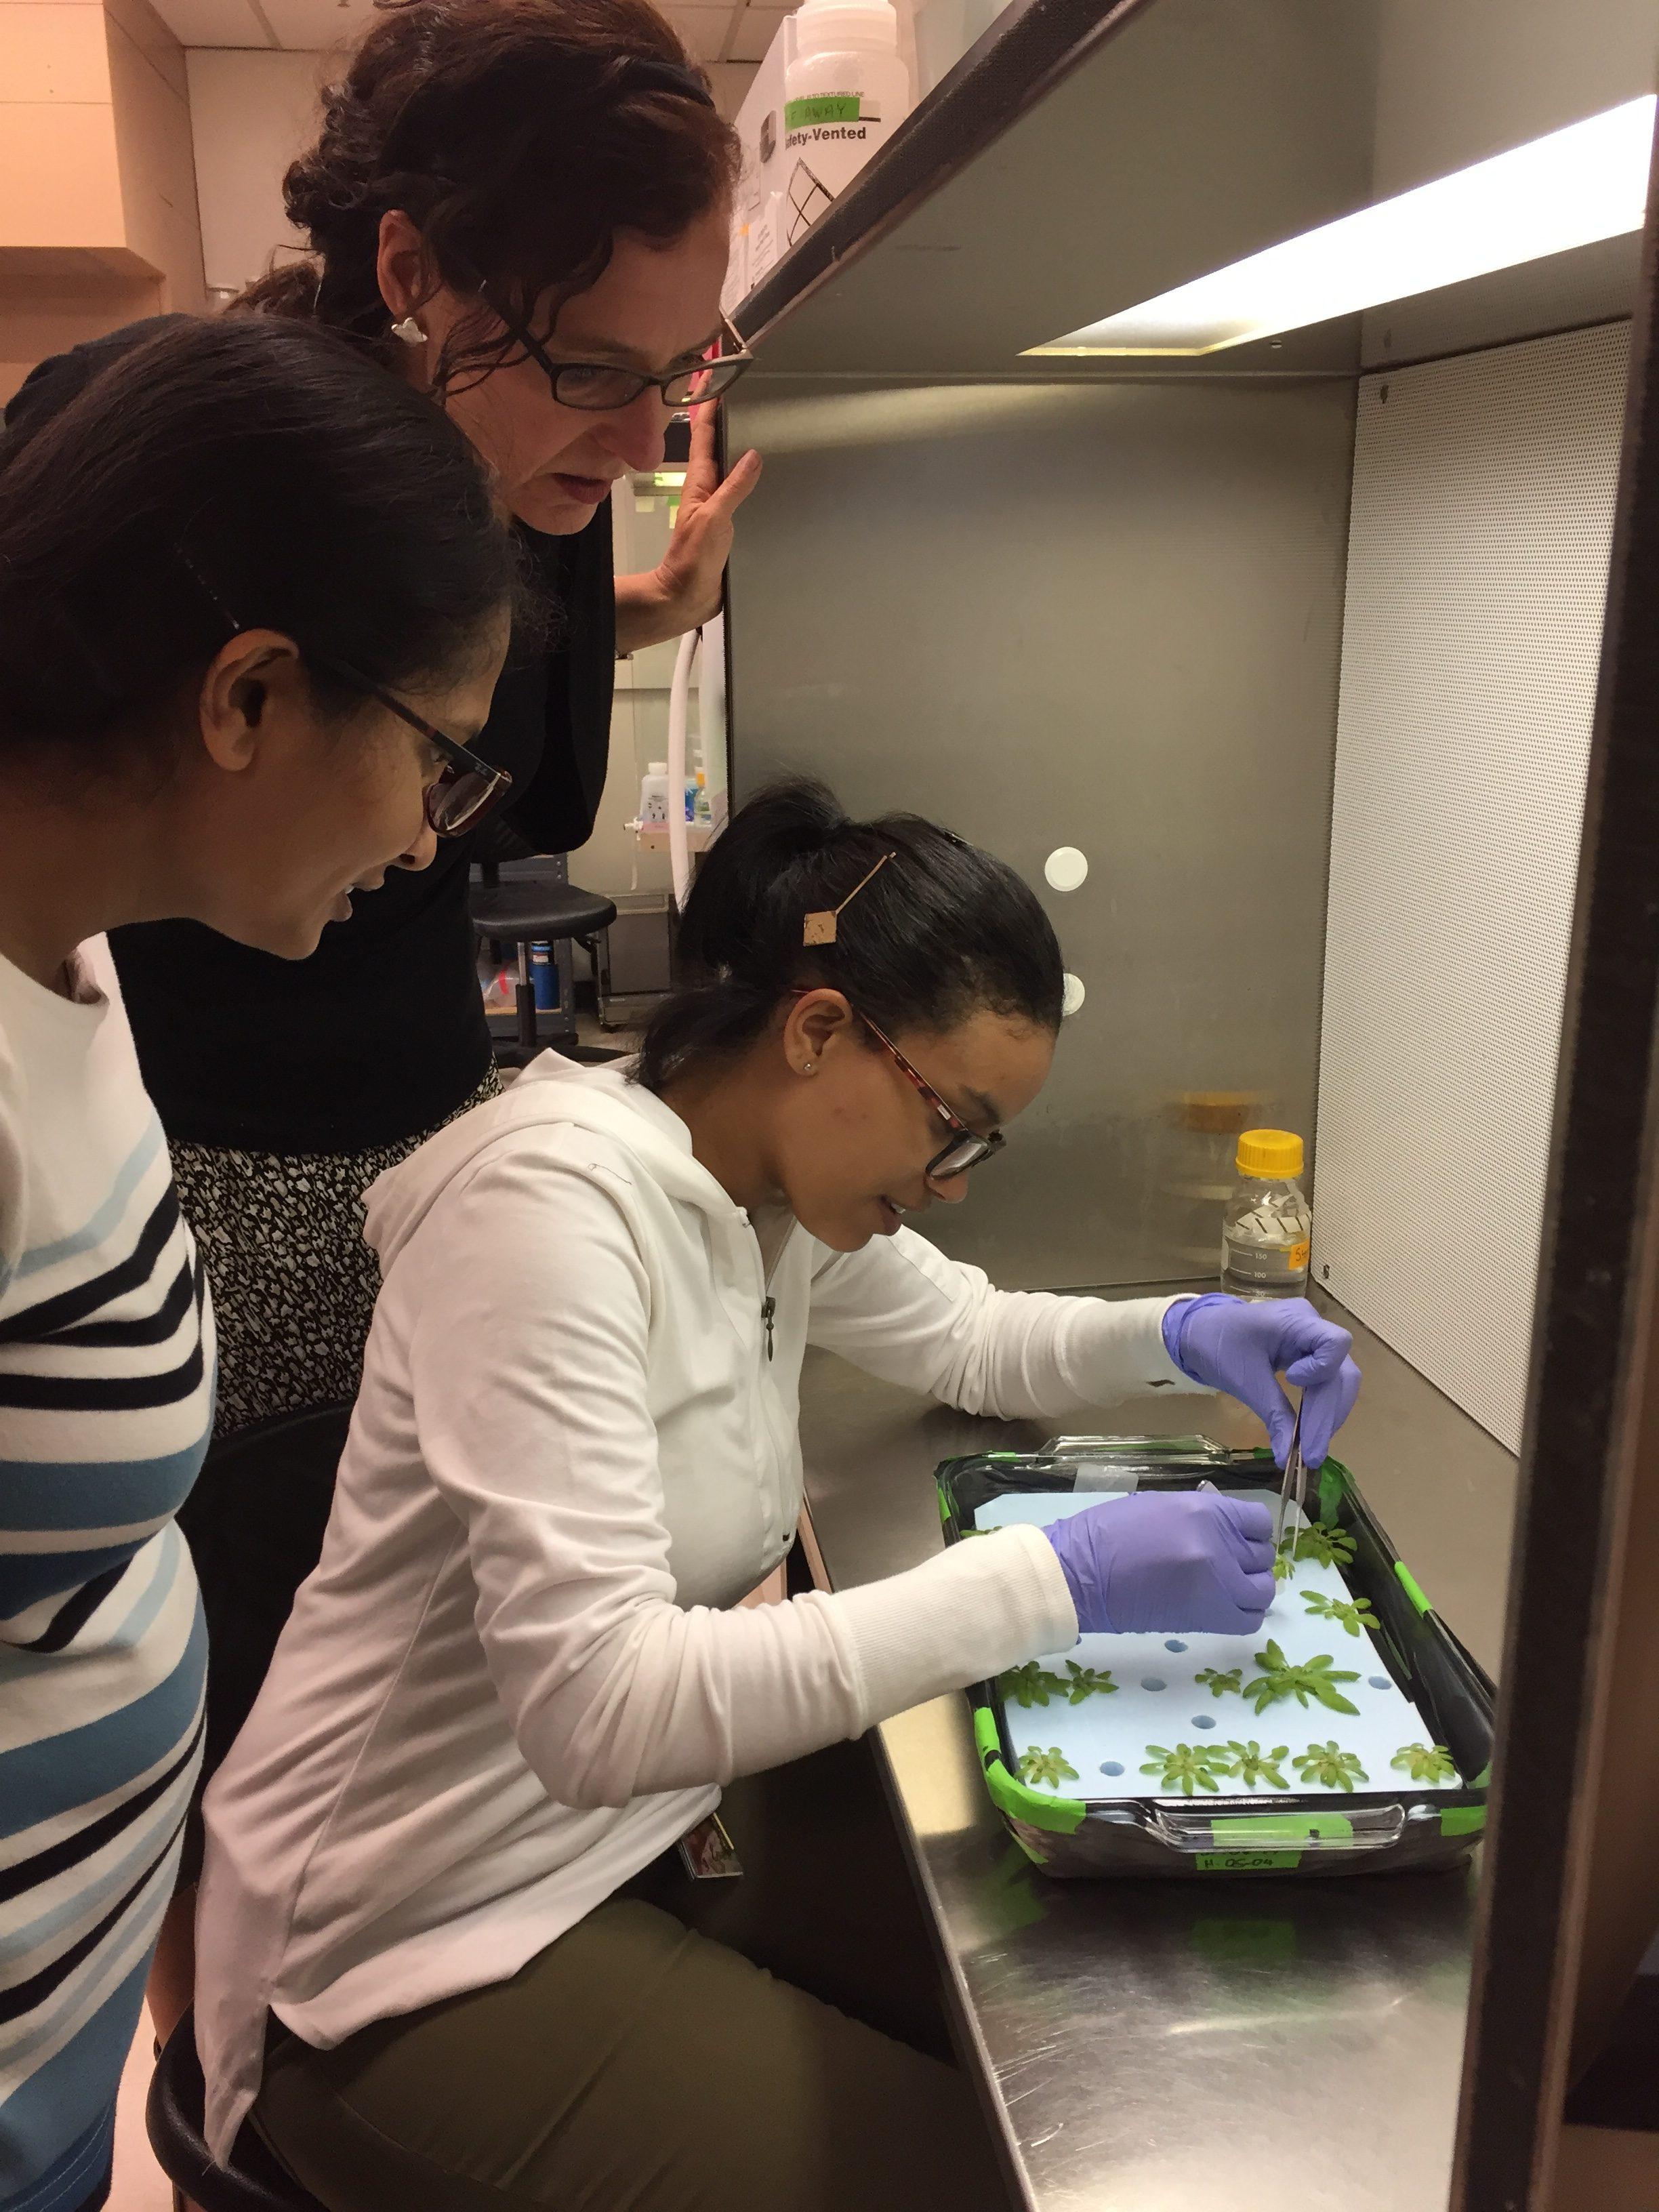 Lee Ann Niekerk works in the lab with Antje Heese, associate professor of plant sciences, and Gayani Ekanayake looking on.